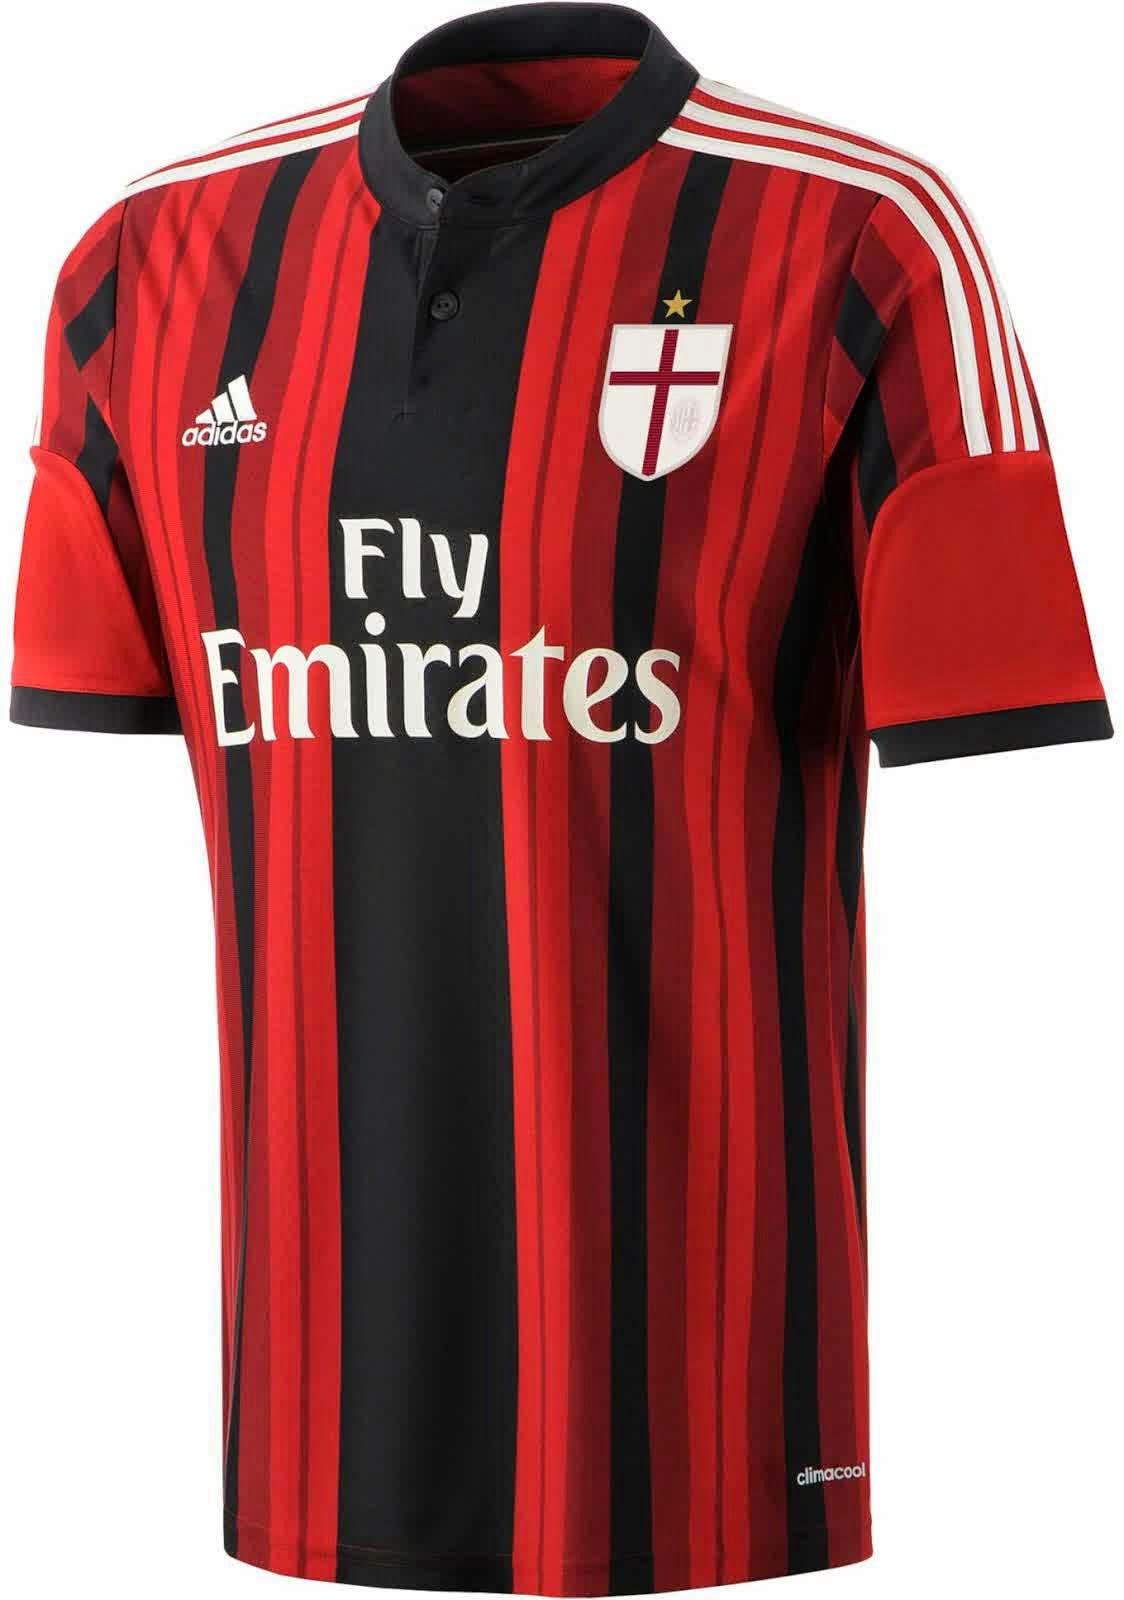 Jersey Ac Milan 2014-2015 terbaru